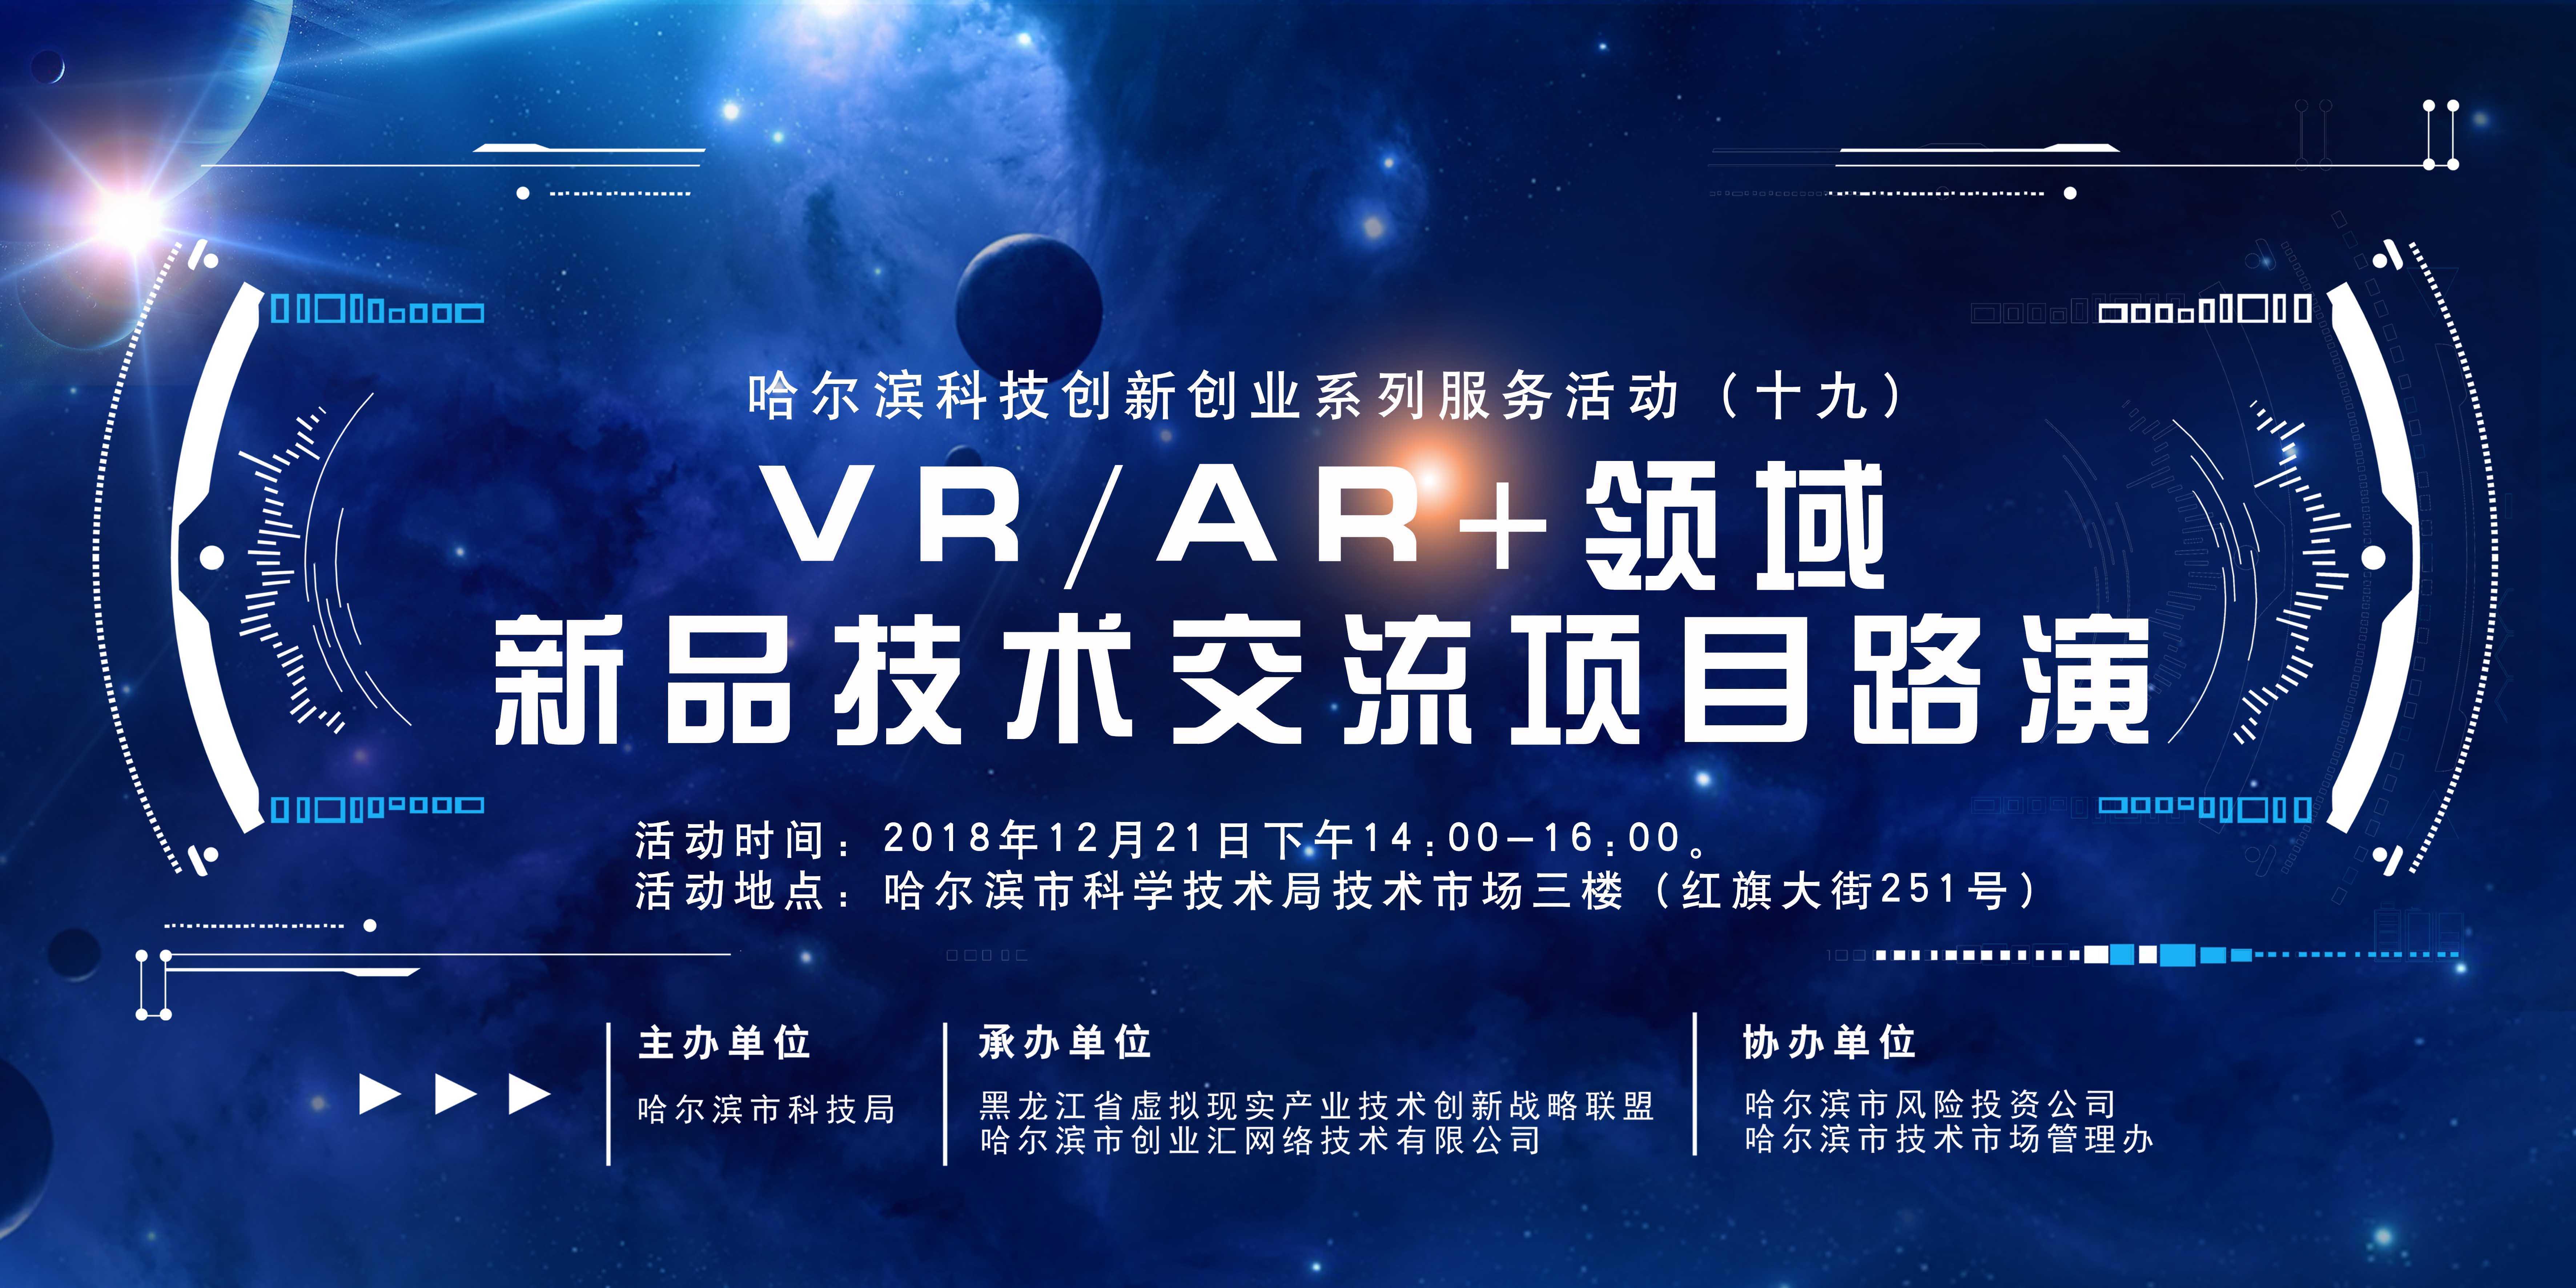 【视频回顾】哈尔滨市VR/AR+领域新品技术交流、项目路演通知—哈尔滨市科技创新创业系列服务活动之(十九)